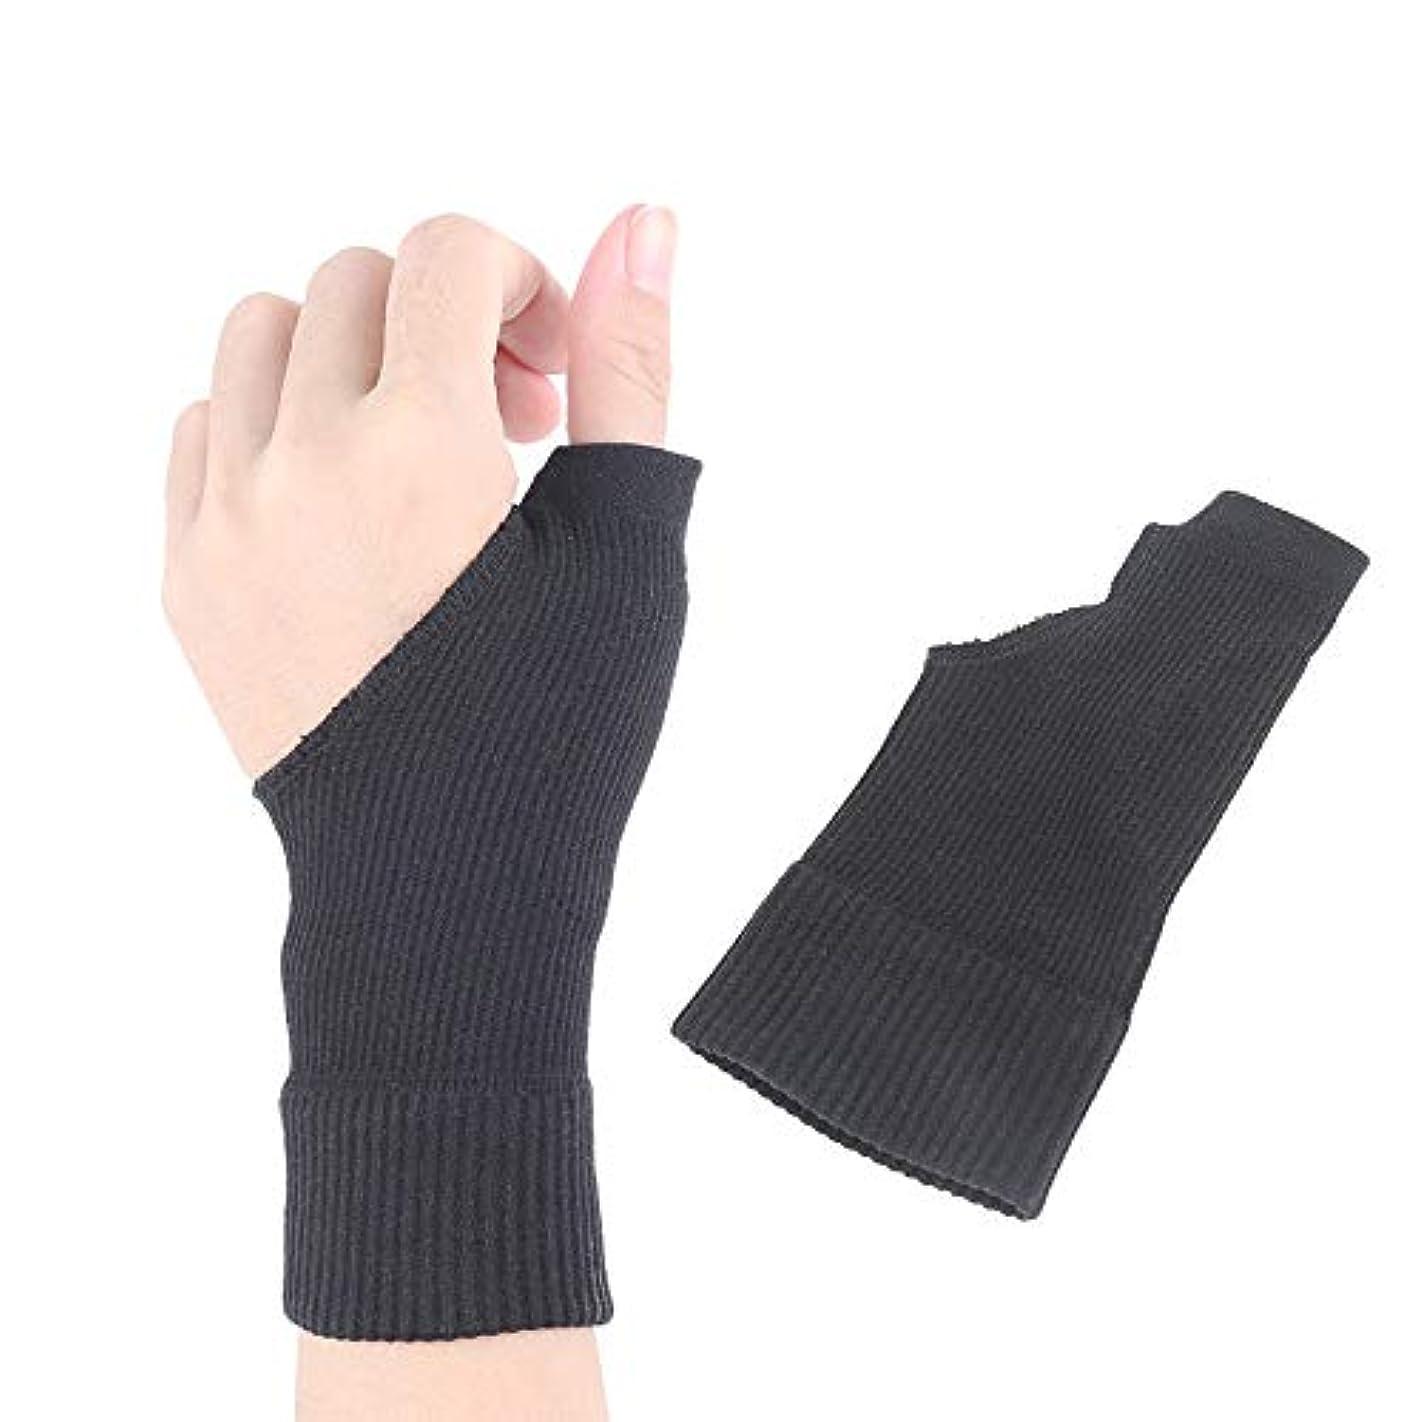 準拠かどうか飛ぶ手首と親指のサポート、関節炎、関節痛、腱炎、捻挫、手の不安定性に最適、女性男性用パック2